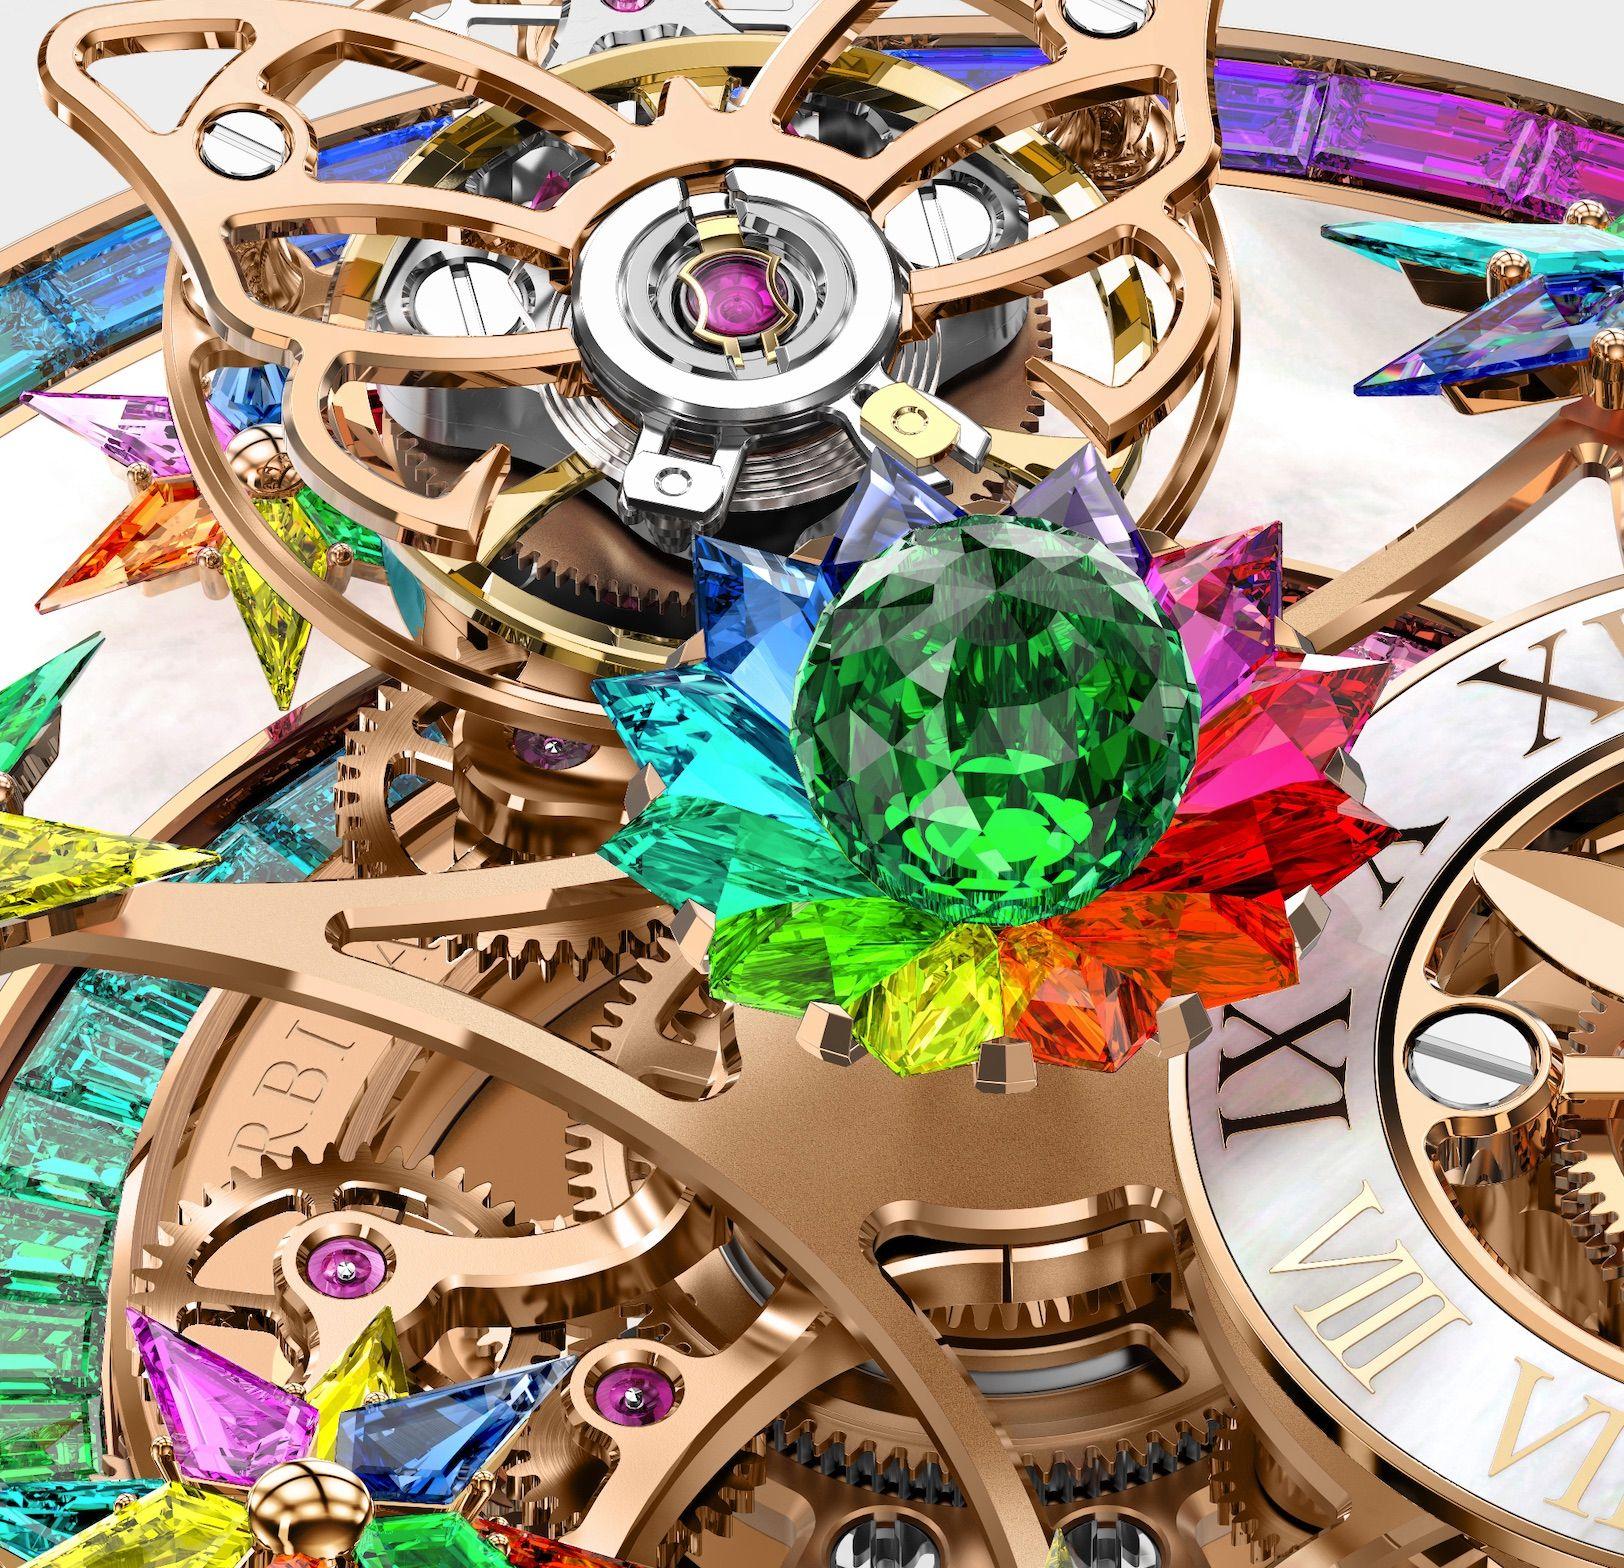 Quand le soleil se couche à Cuba et quand l'Italie se libère : c'est l'actualité des montres bientôt déconfinée